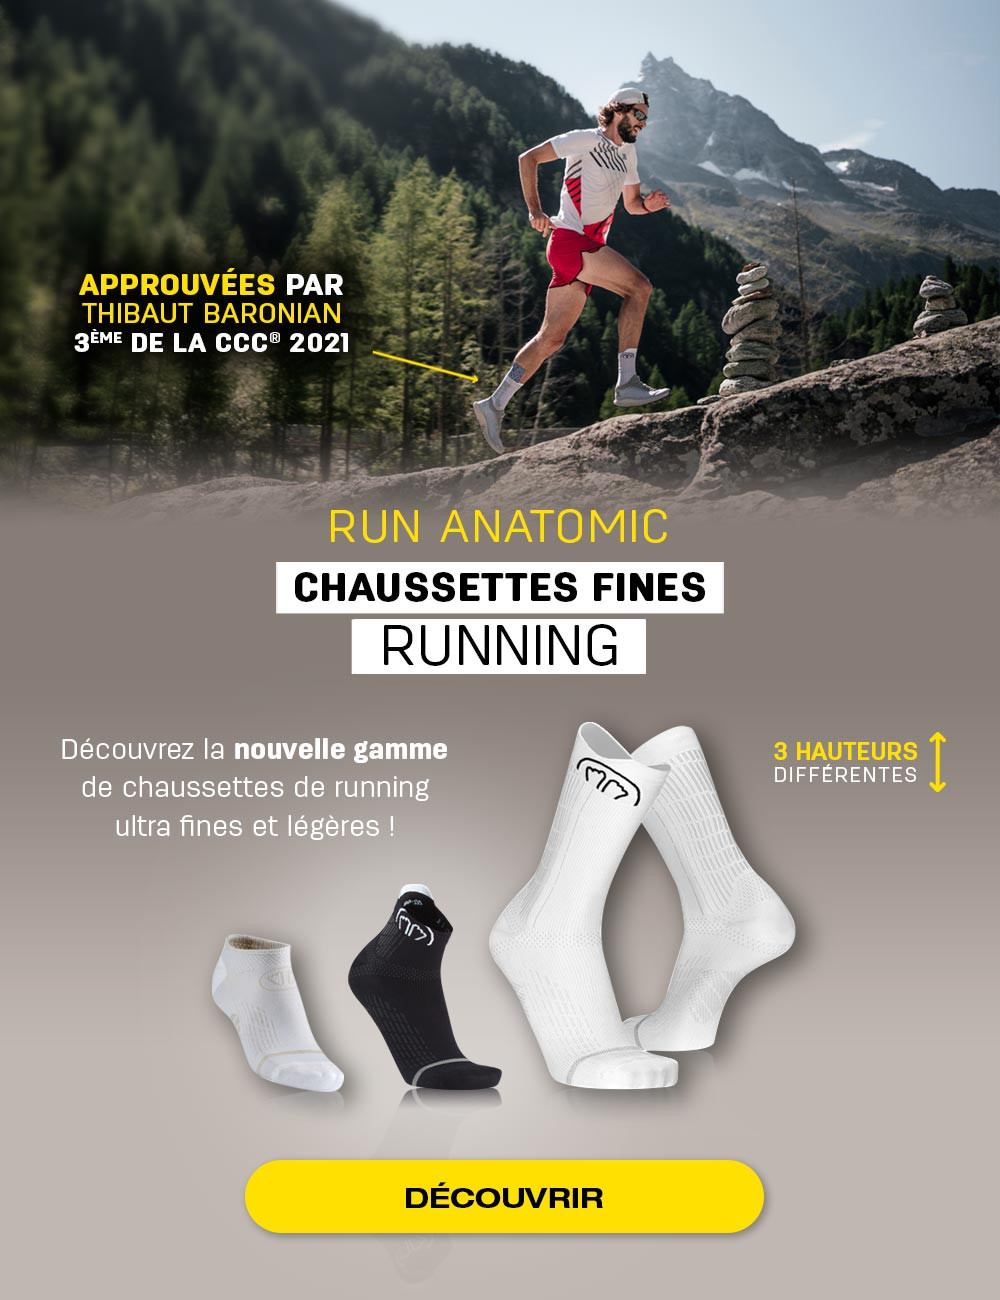 Découvrez les nouvelles chaussettes Run Anatomic, approuvées par Thibaut Baronian !